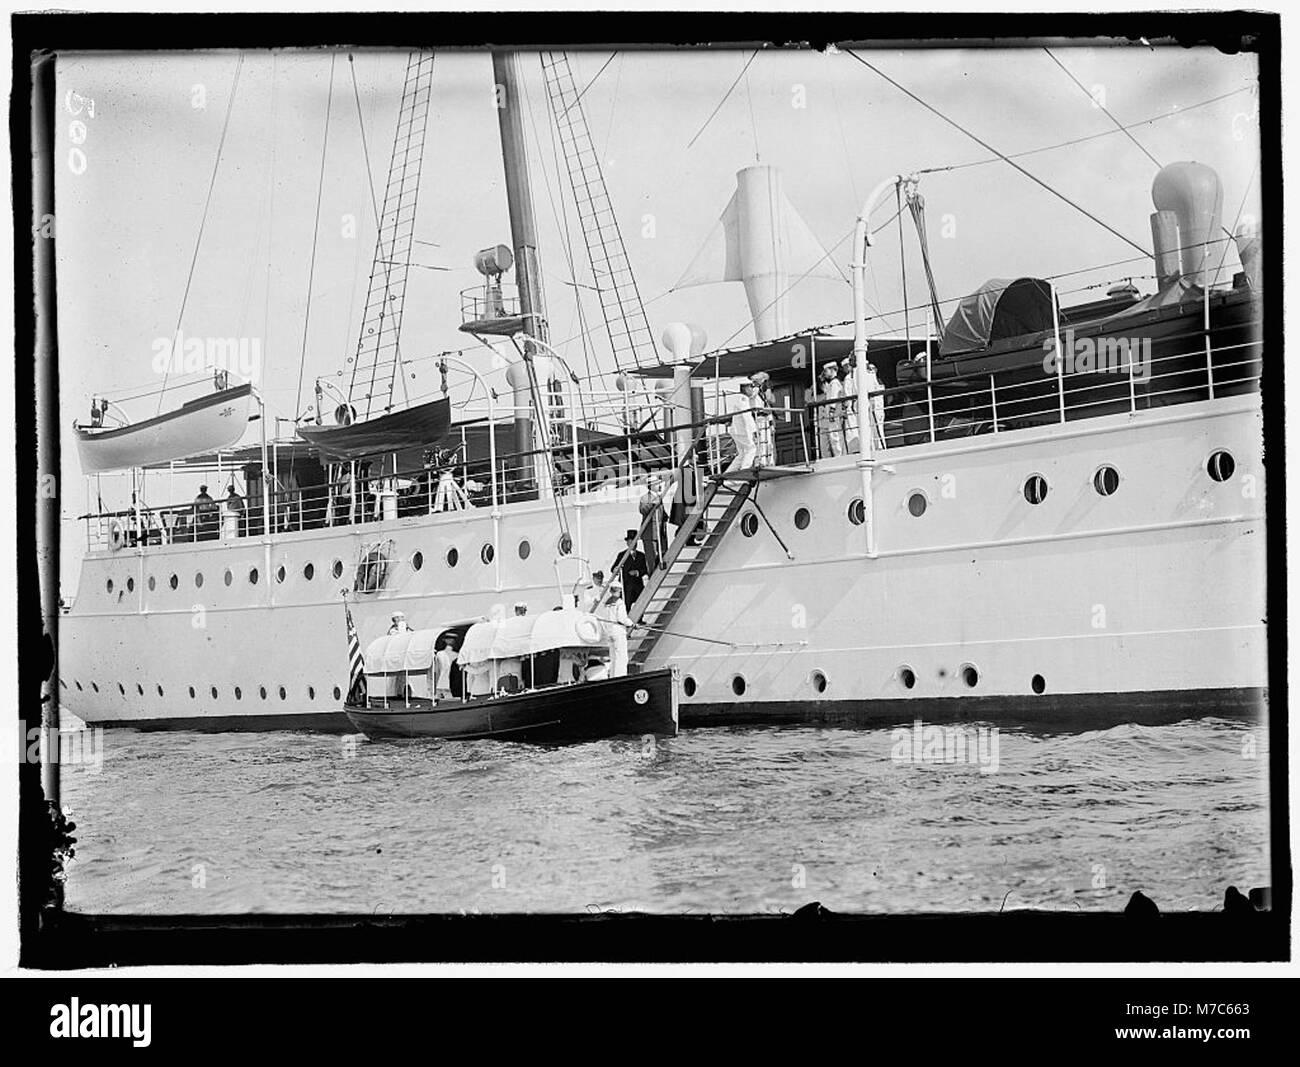 Charmant Mayflower Schiff Färbung Seite Zeitgenössisch - Entry Level ...